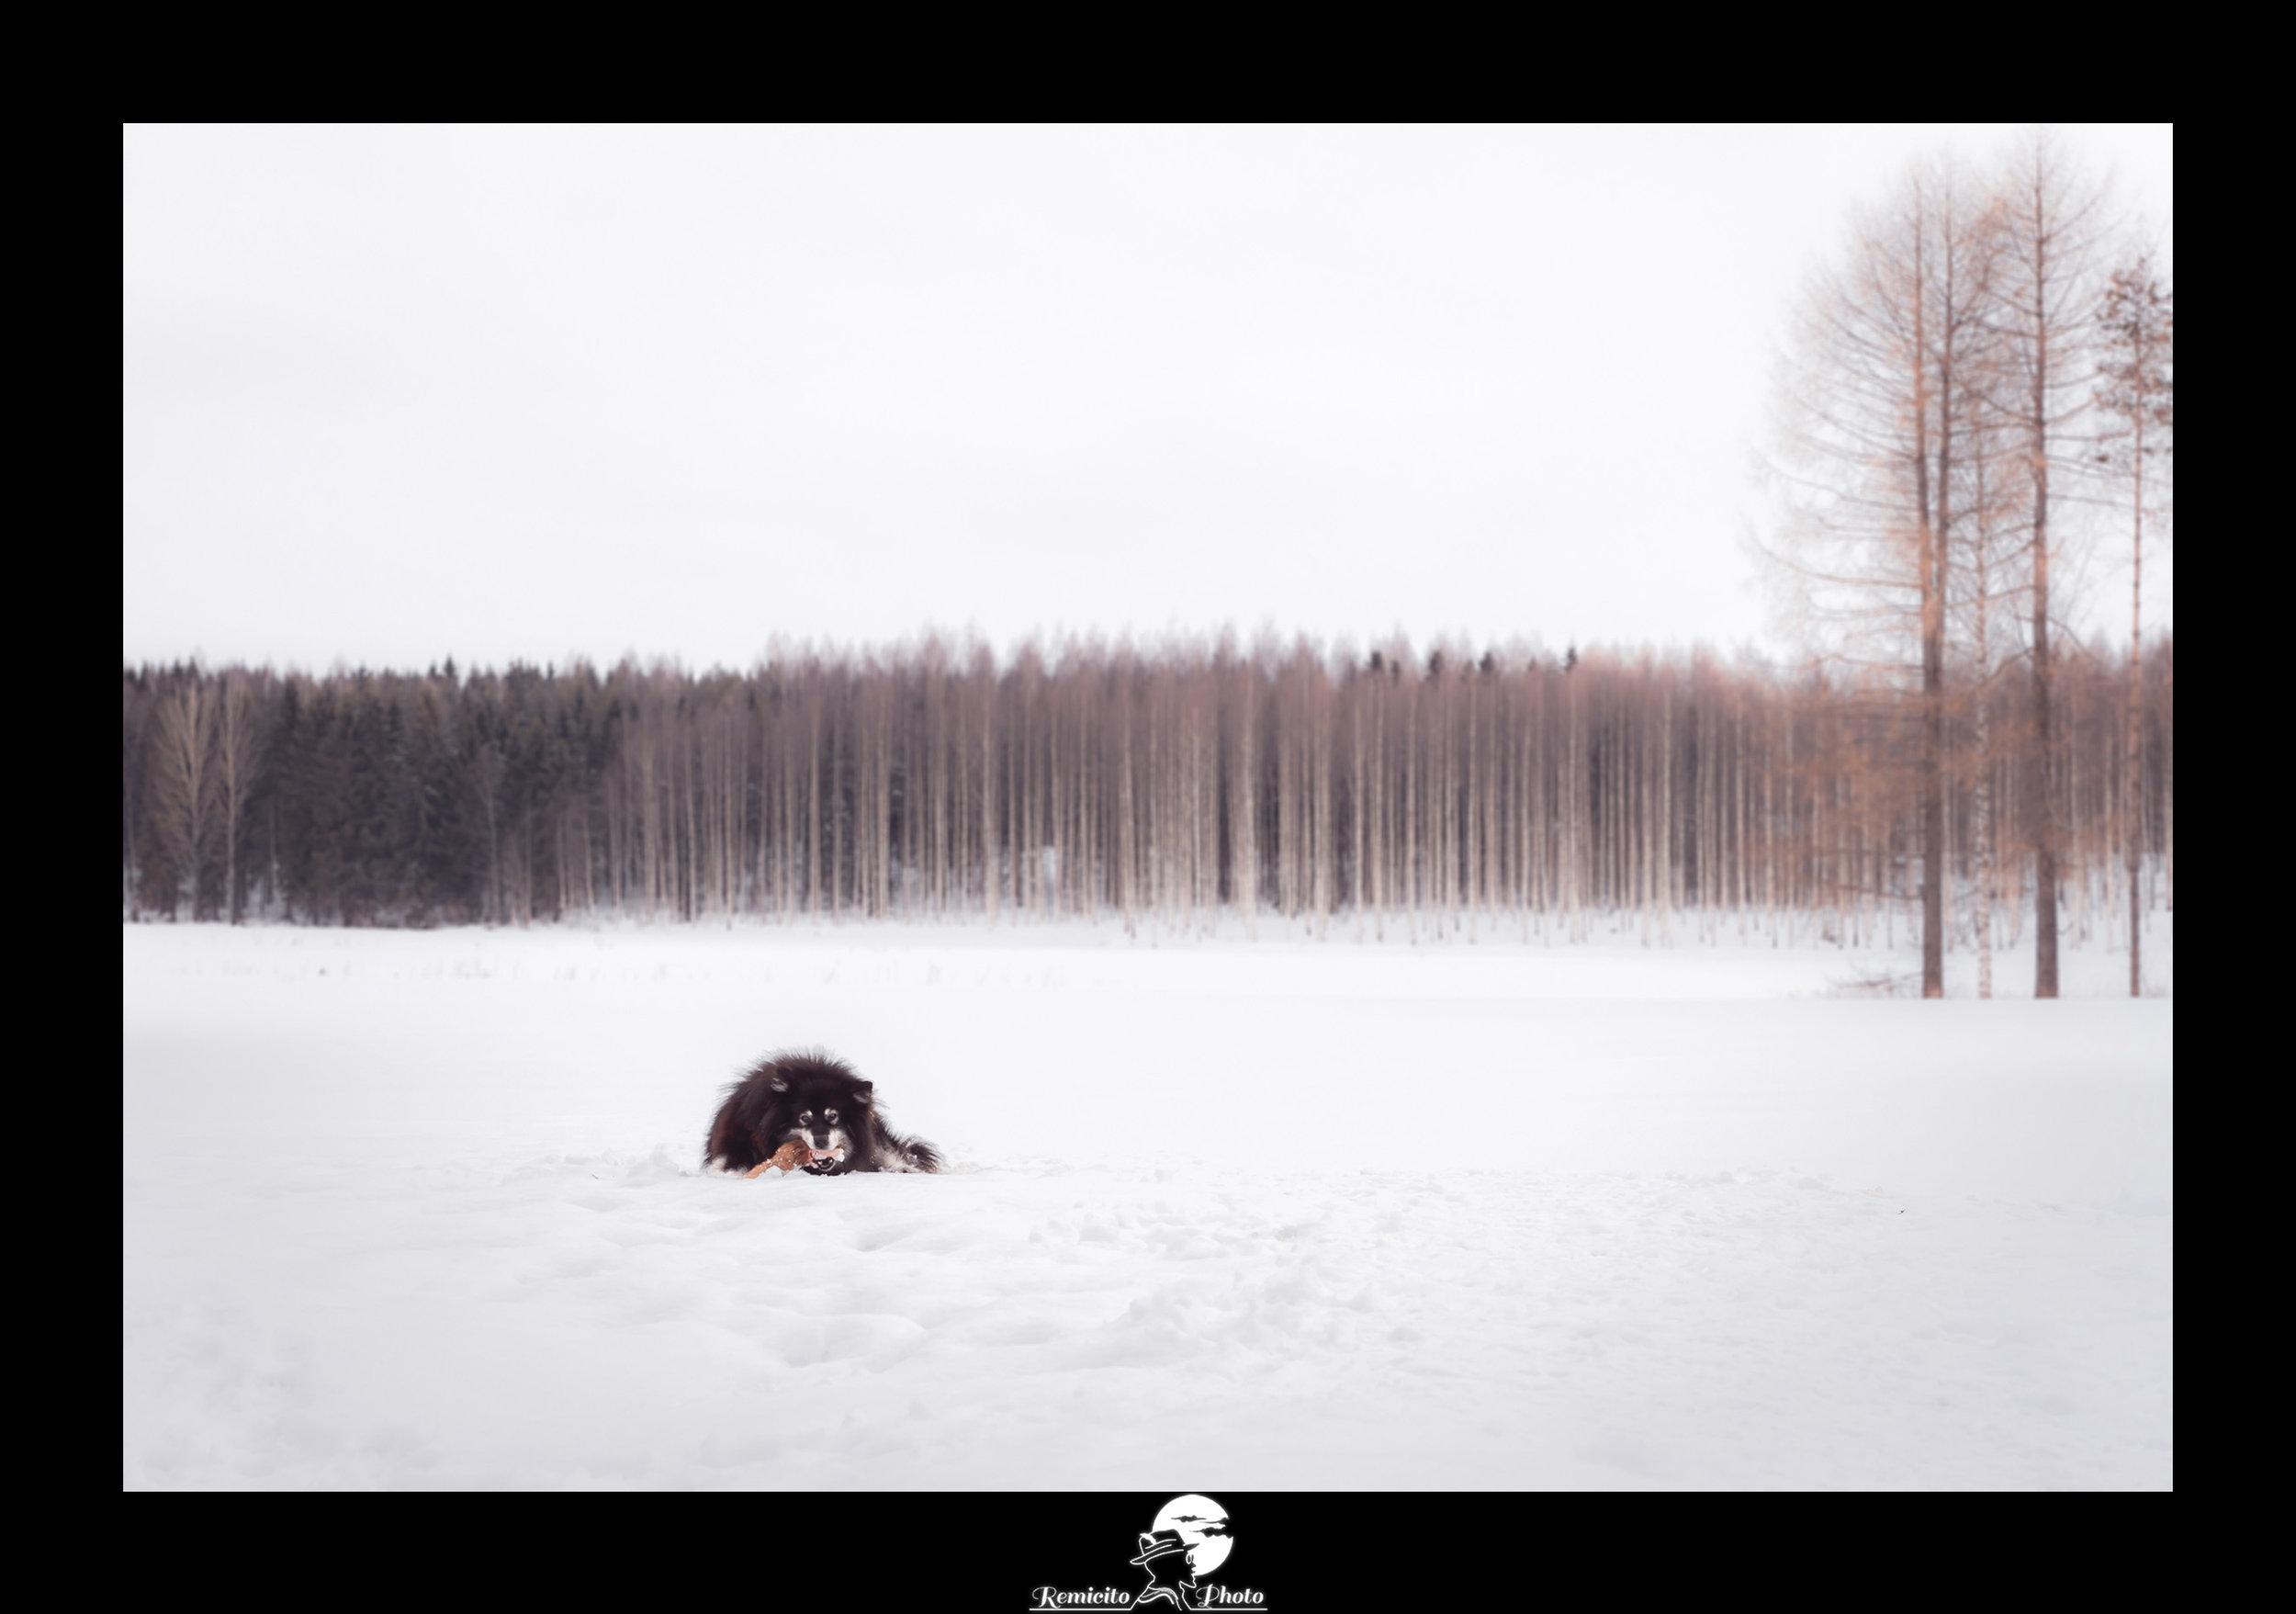 remicito, photoclub paris val-de-bièvre, remicito rémi lacombe, exposition paradis blanc, photo chien neige, belle photo chien idée cadeau, remicito photo chien finlande neige